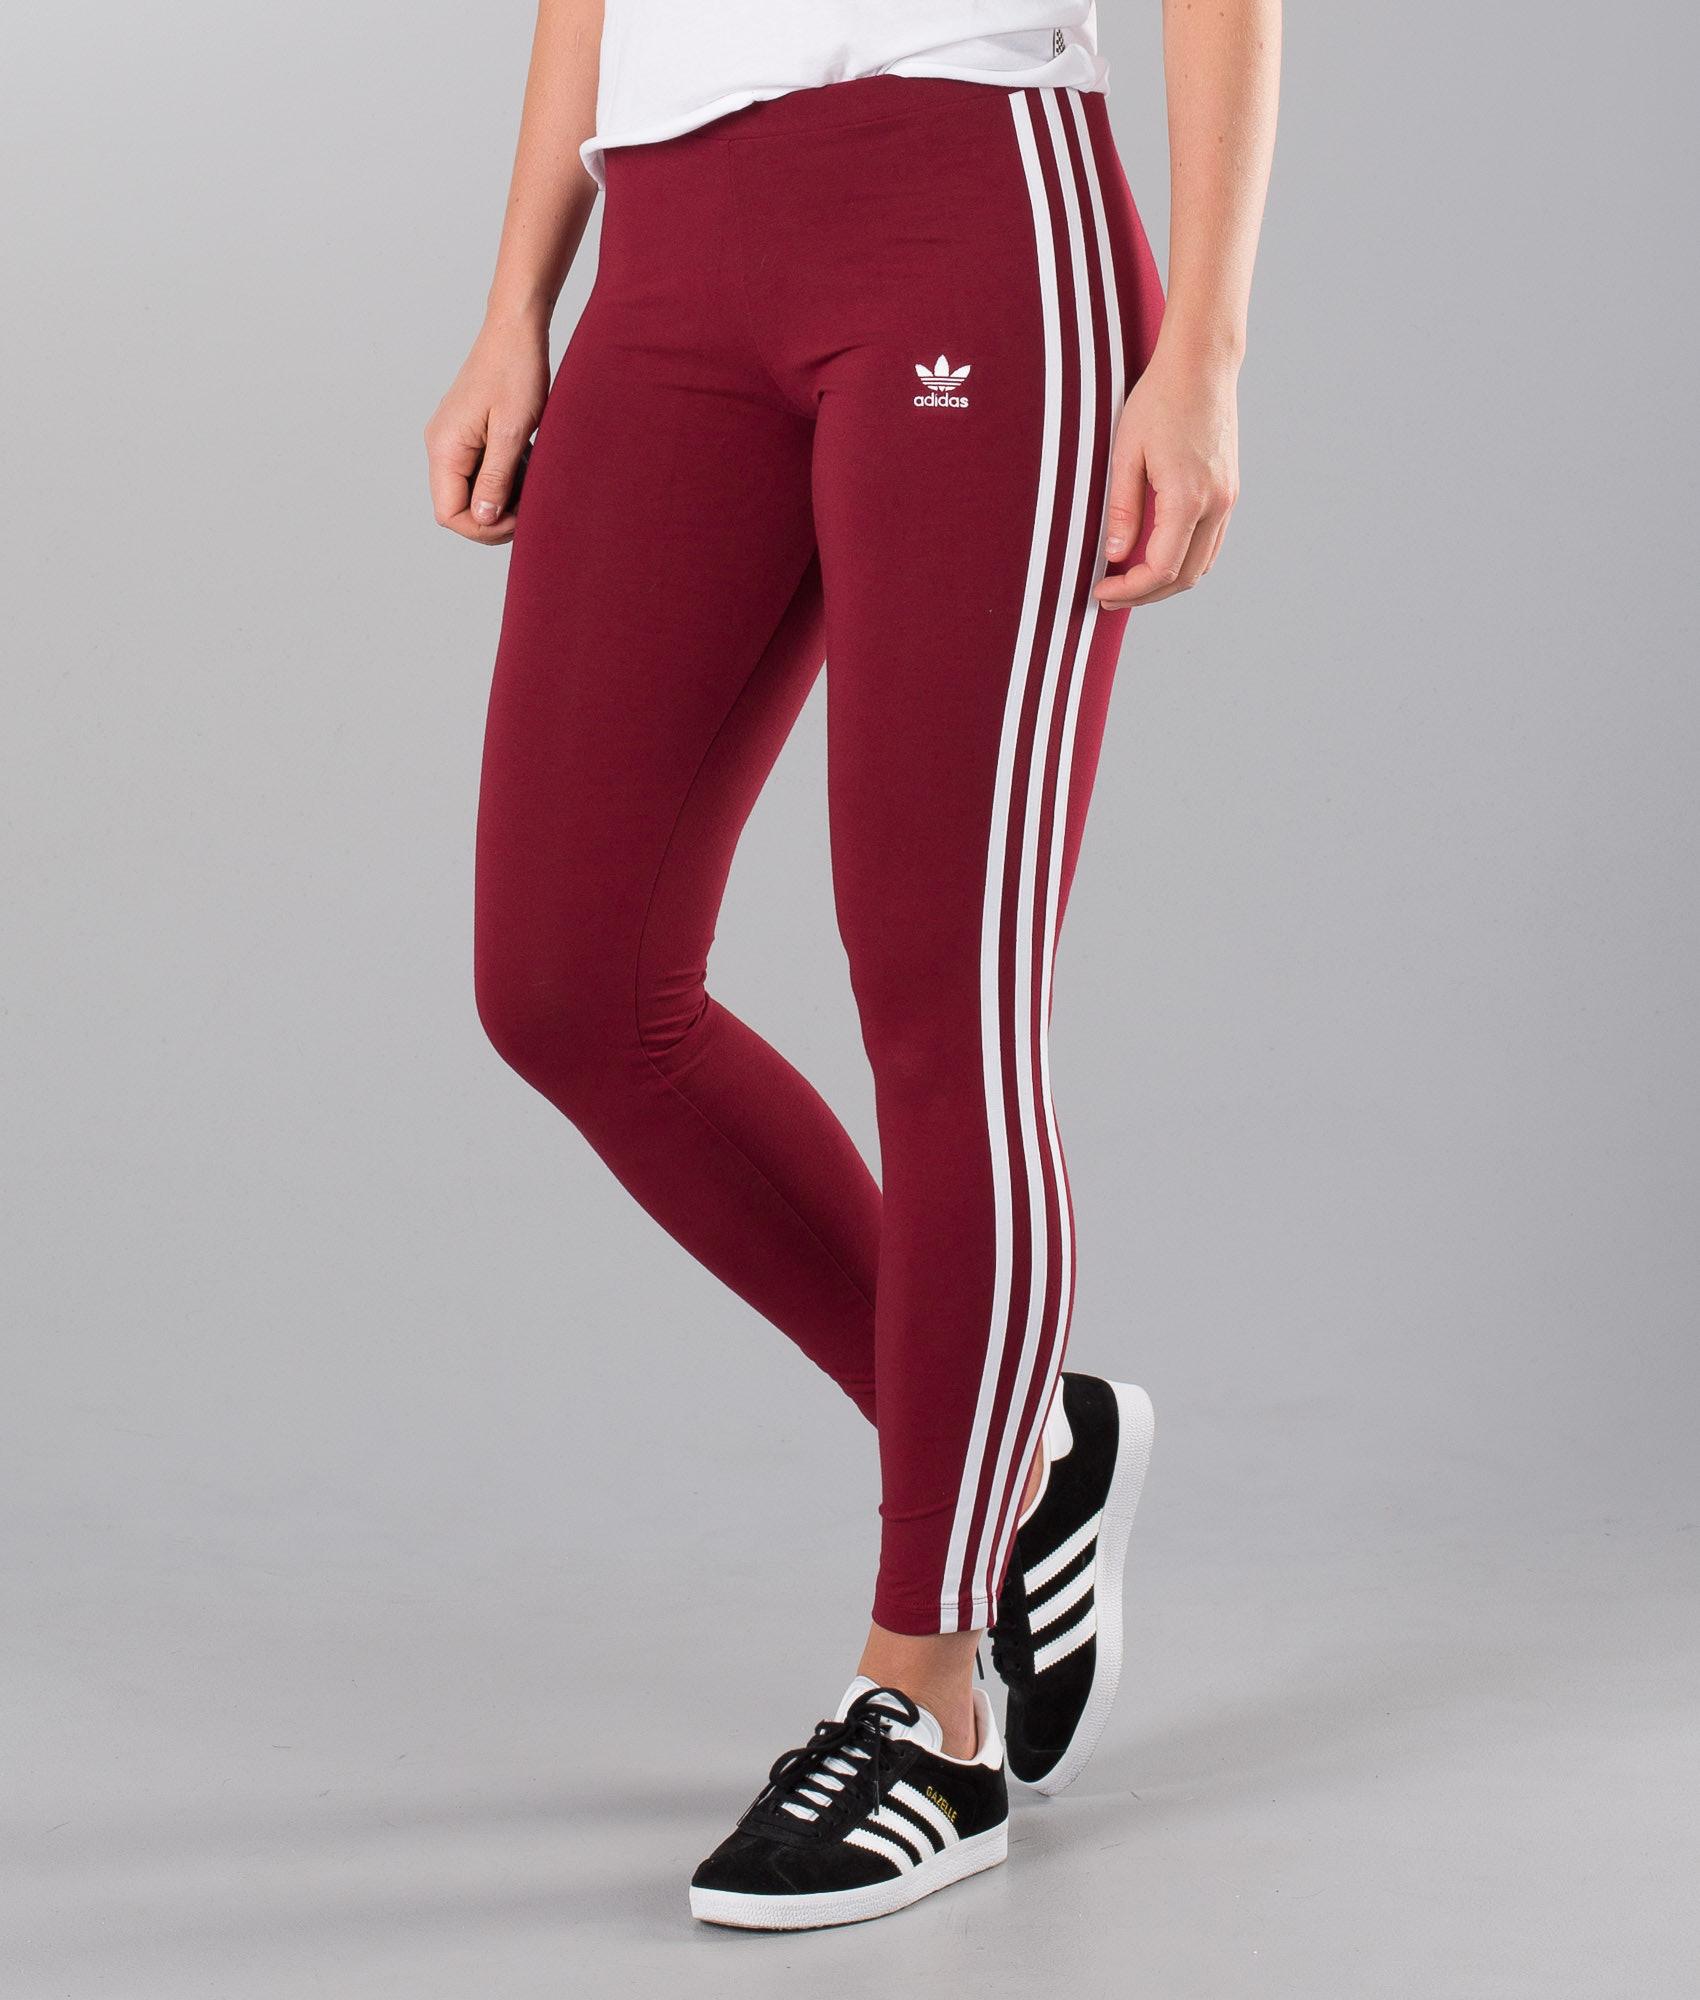 b4ee7defe1 Adidas Originals 3 Stripes Leggings Collegiate Burgundy - Ridestore.com